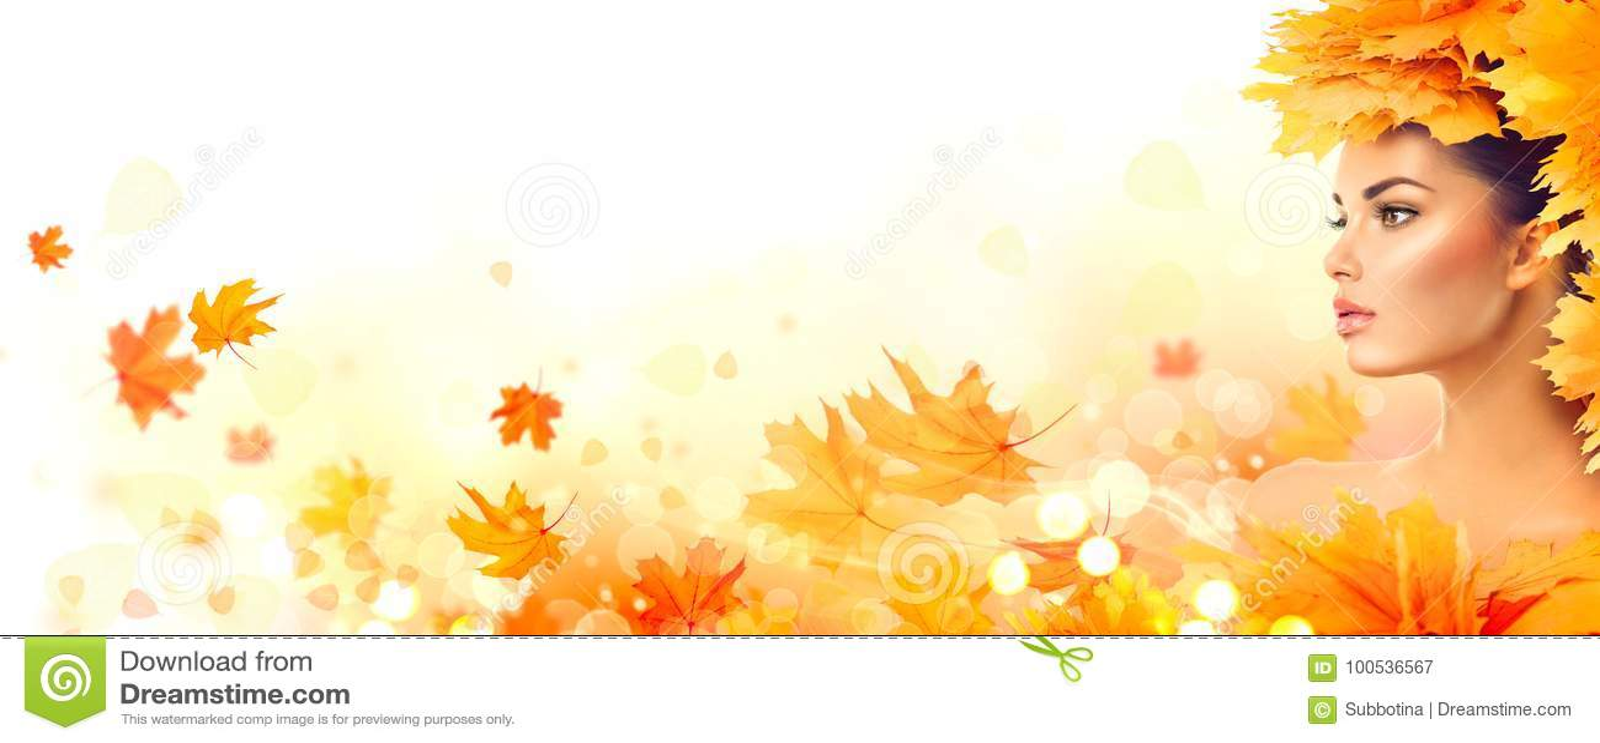 δασική περπατώντας γυναίκα πτώσης ημέρας φθινοπώρου όμορφη πτώση Πρότυπο κορίτσι ομορφιάς με τα φωτεινά φύλλα φθινοπώρου